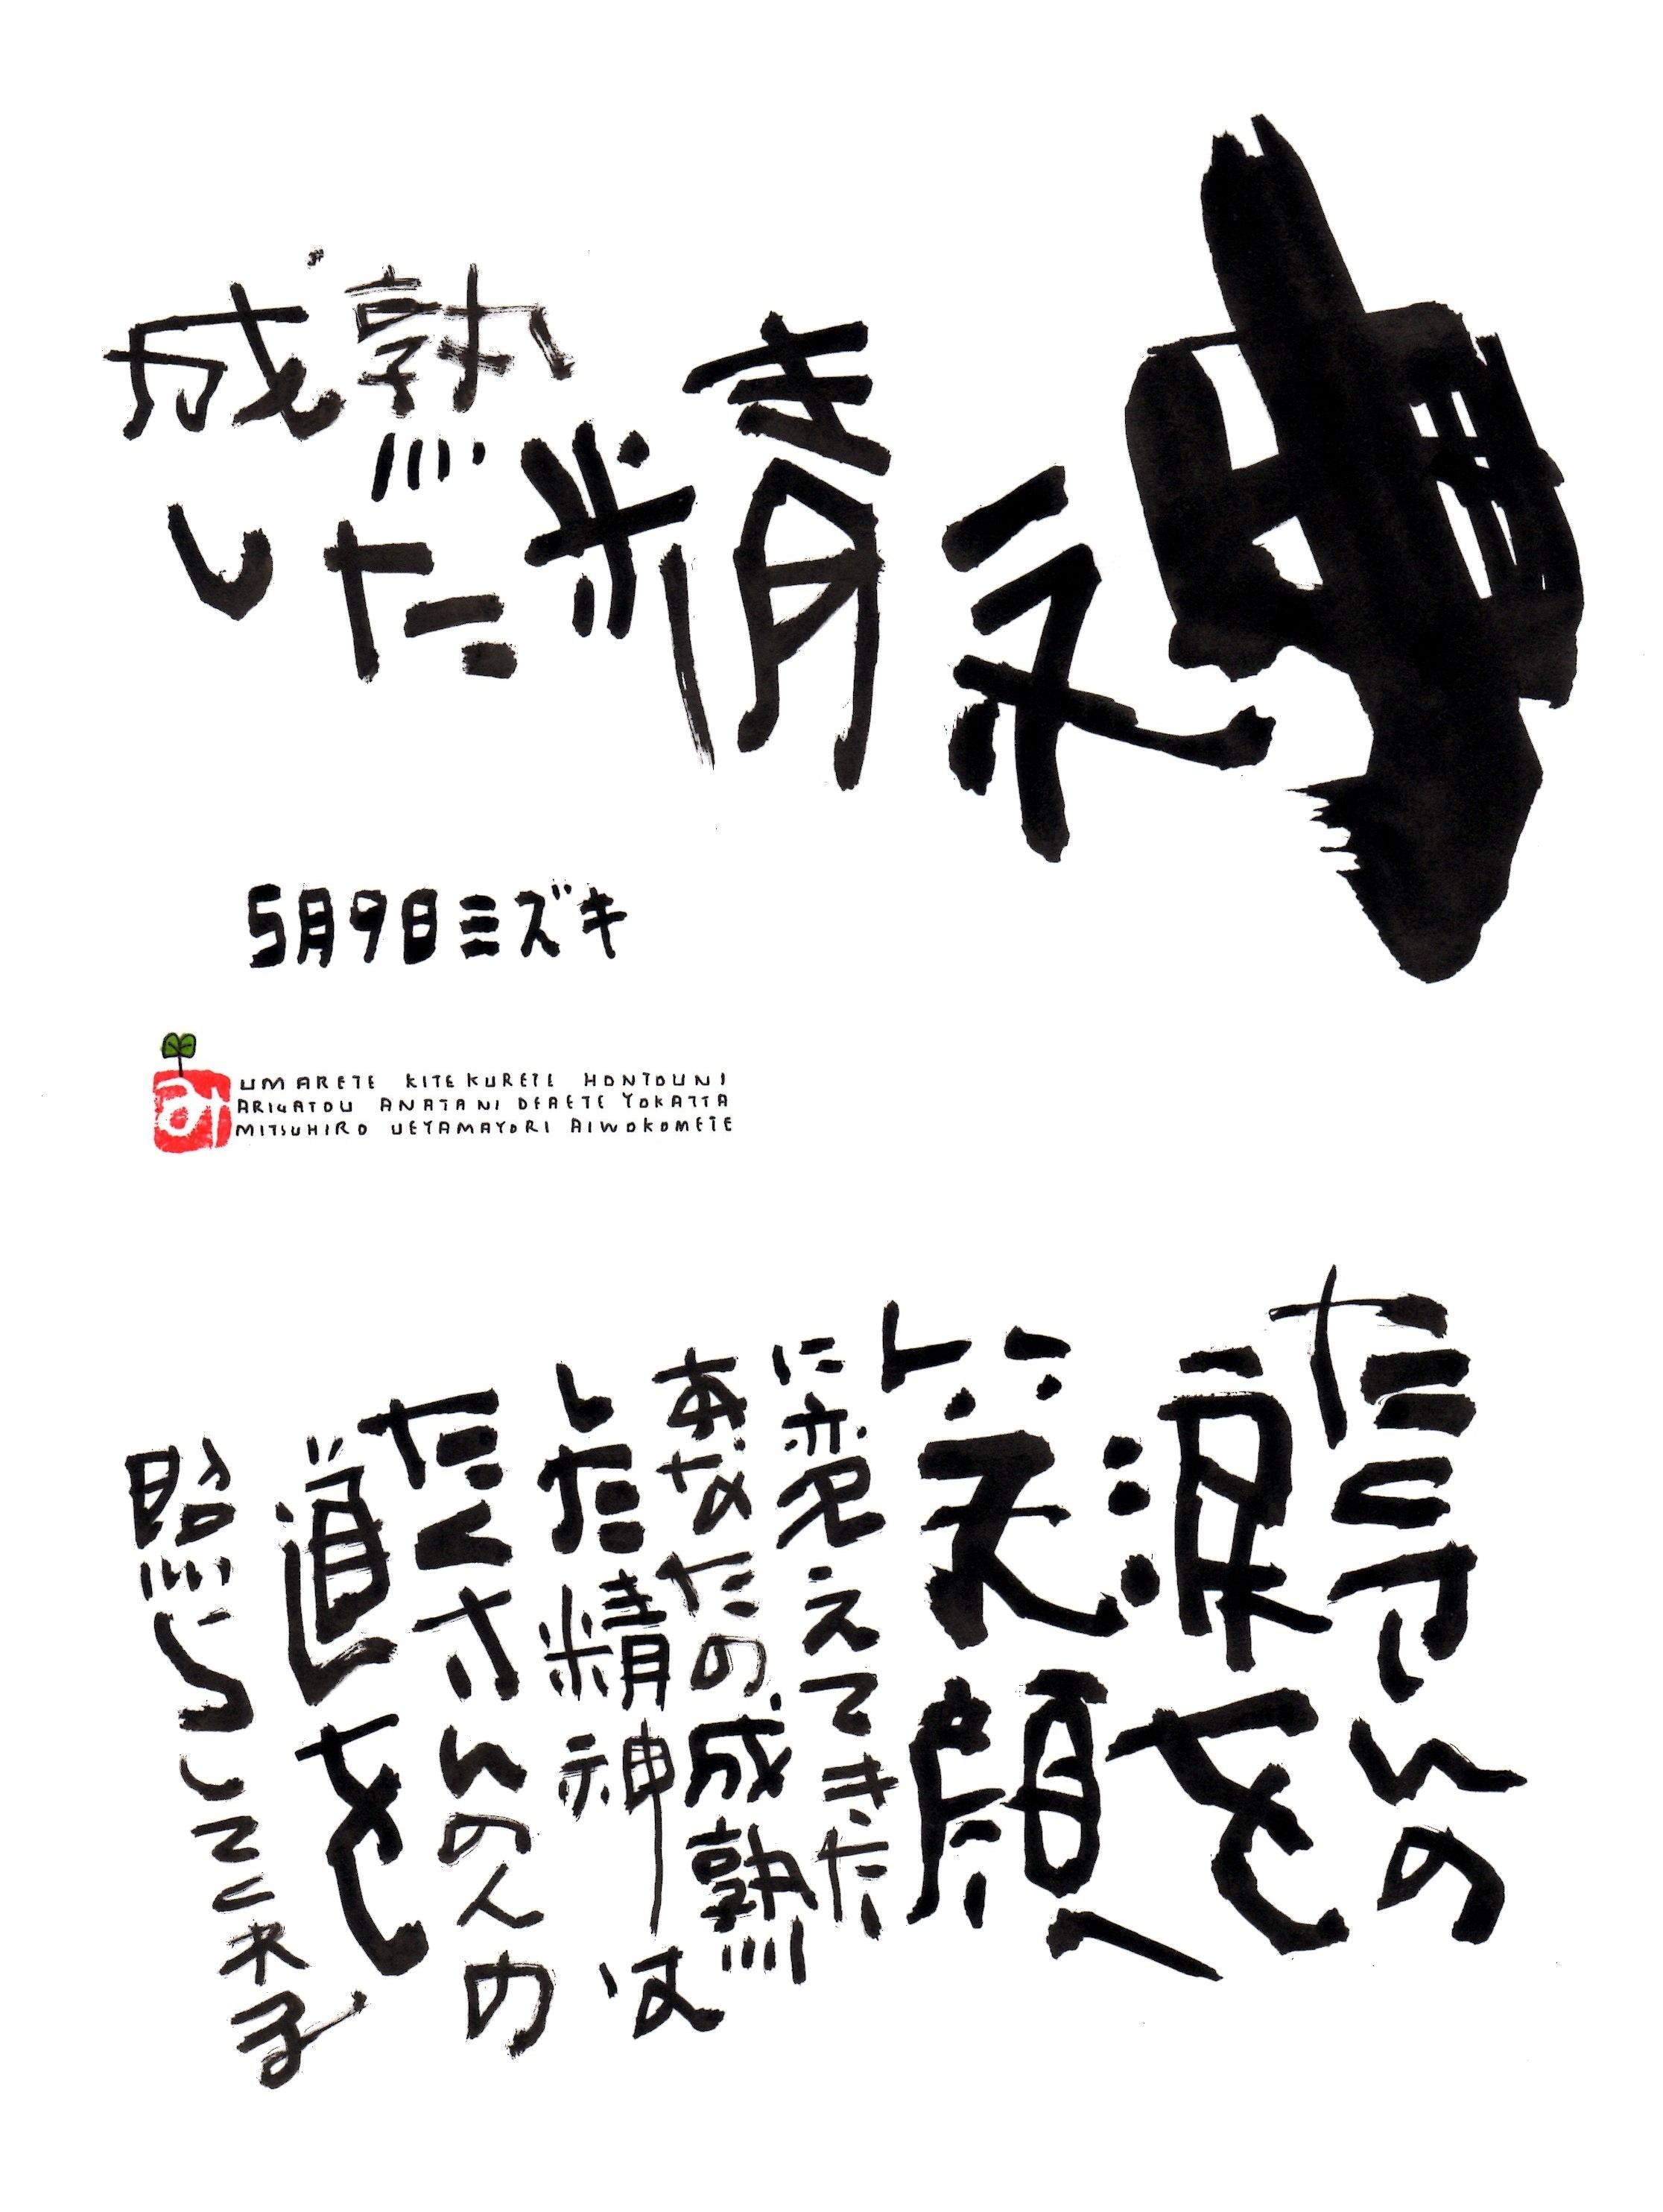 5月9日 誕生日ポストカード【成熟した精神】Mature spirit